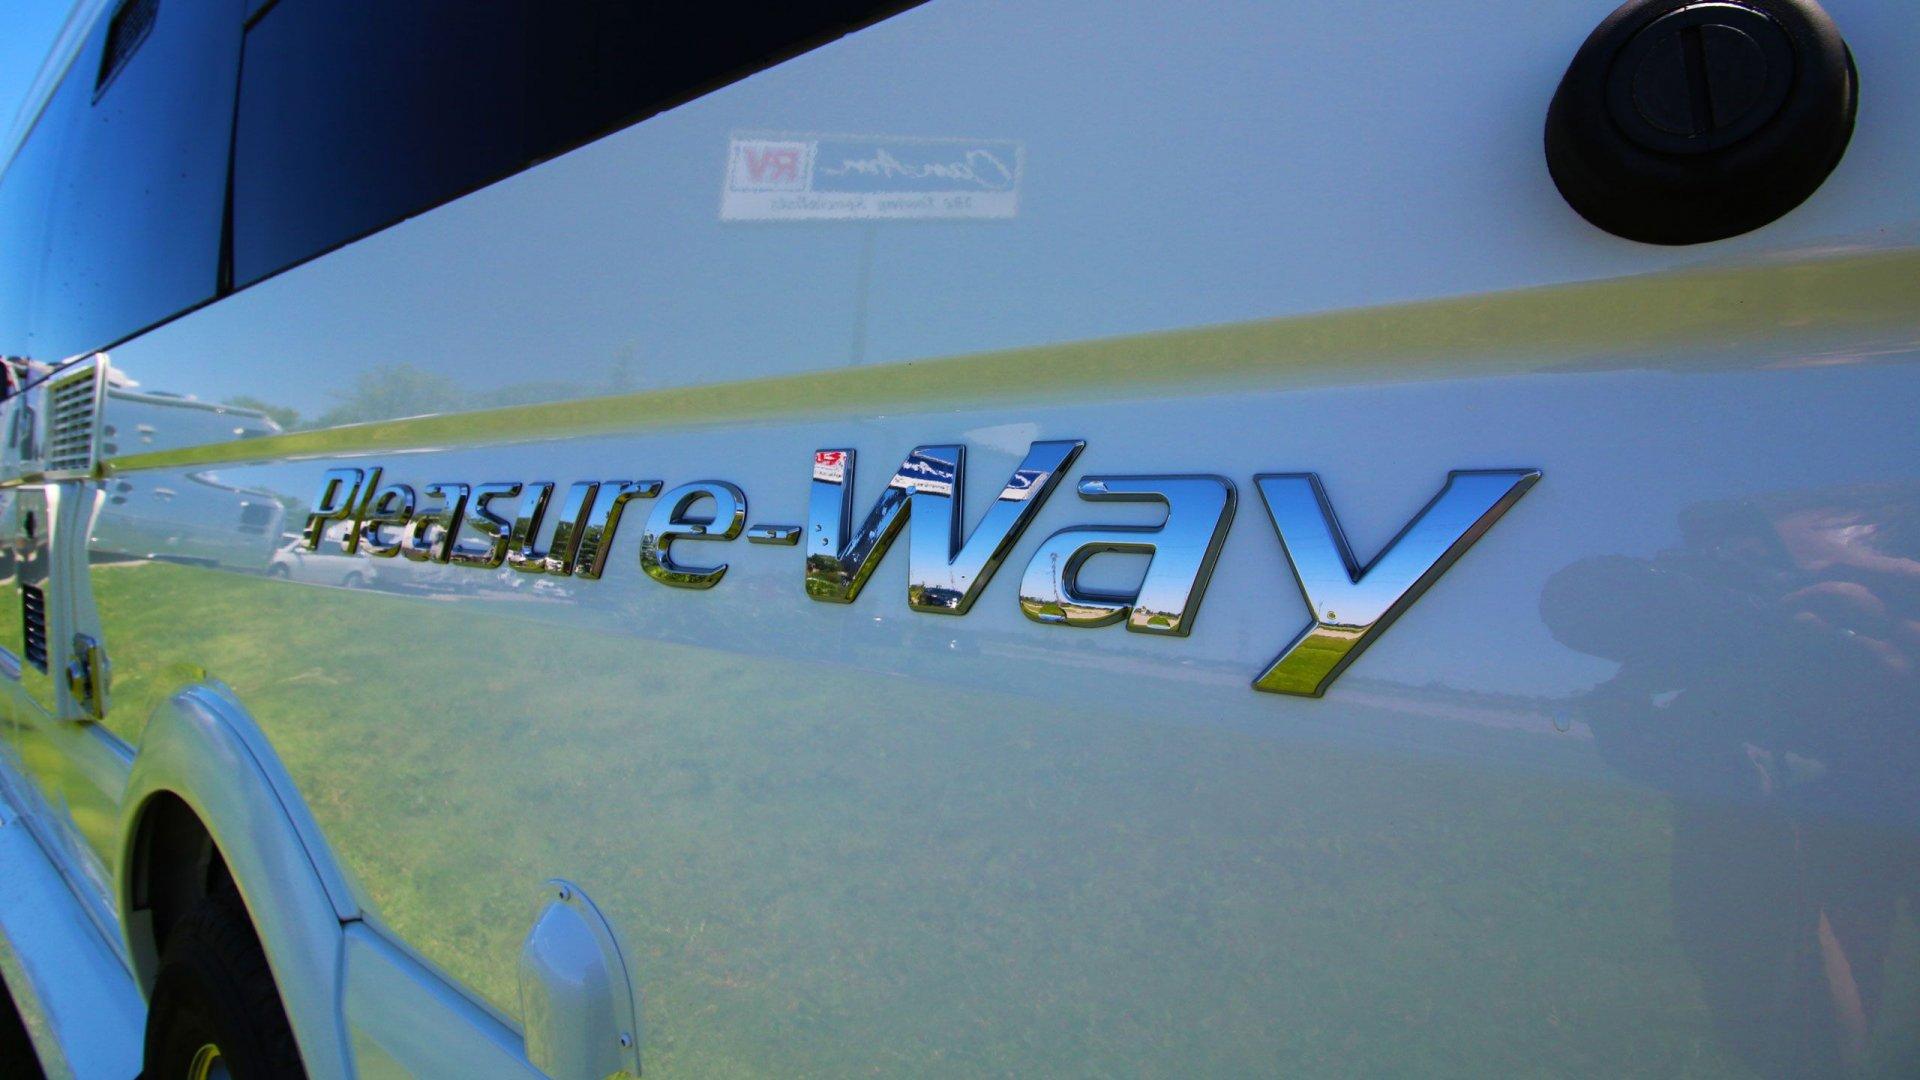 PLEASURE-WAY Slide Image